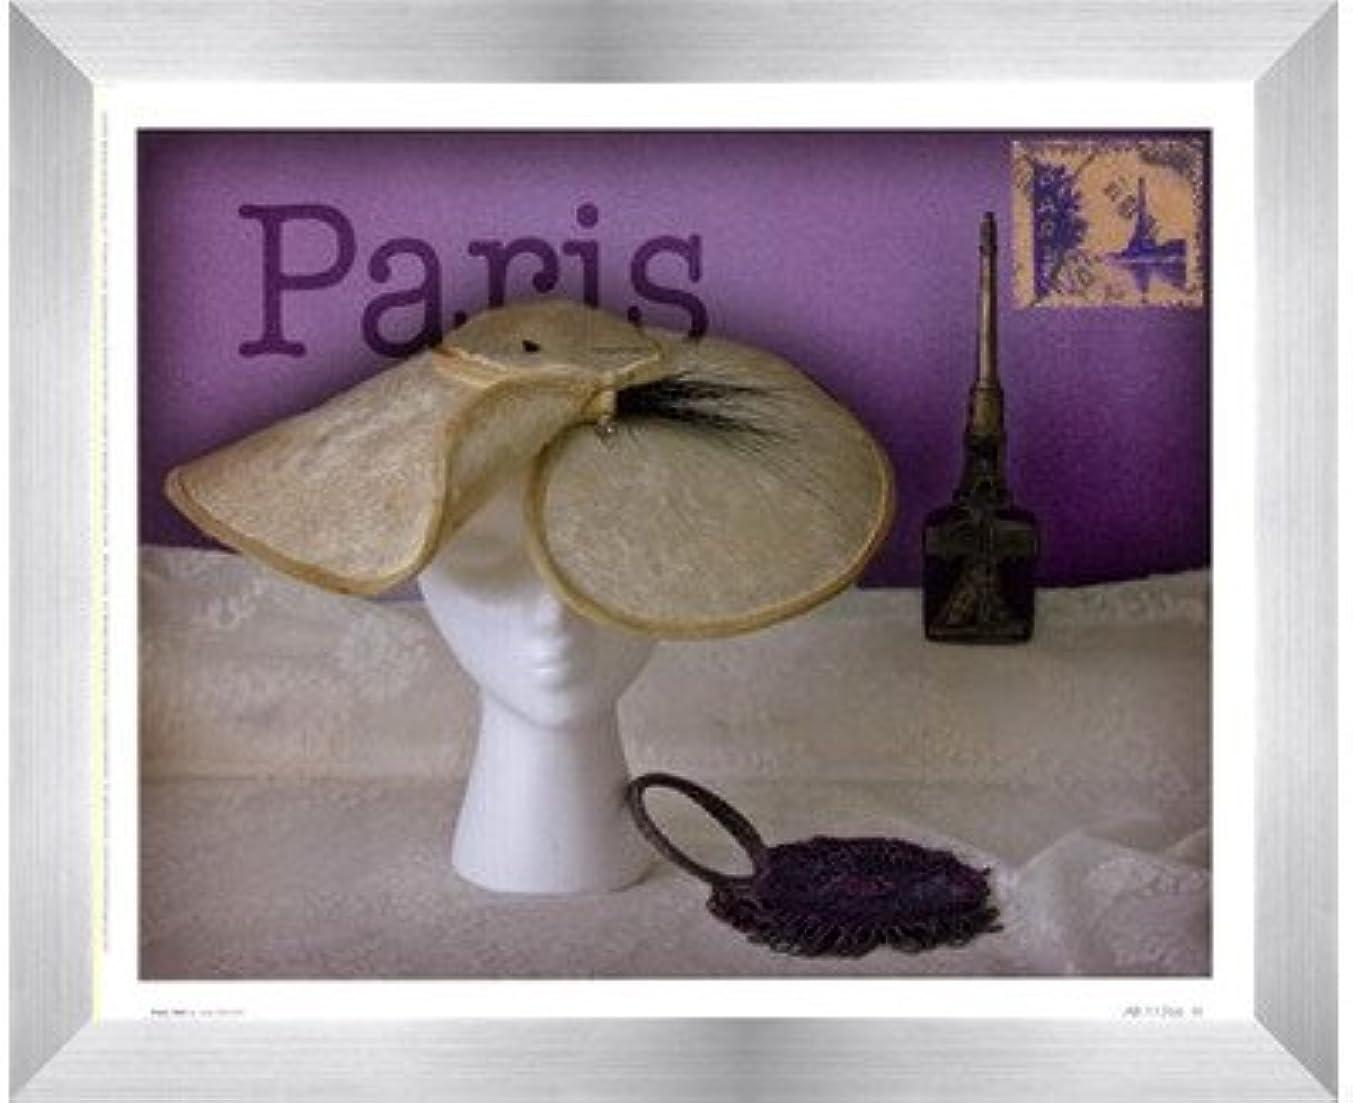 反抗信号シェフパリ帽子by Judy Mandolf – 11 x 9インチ – アートプリントポスター LE_40509-F9935-11x9